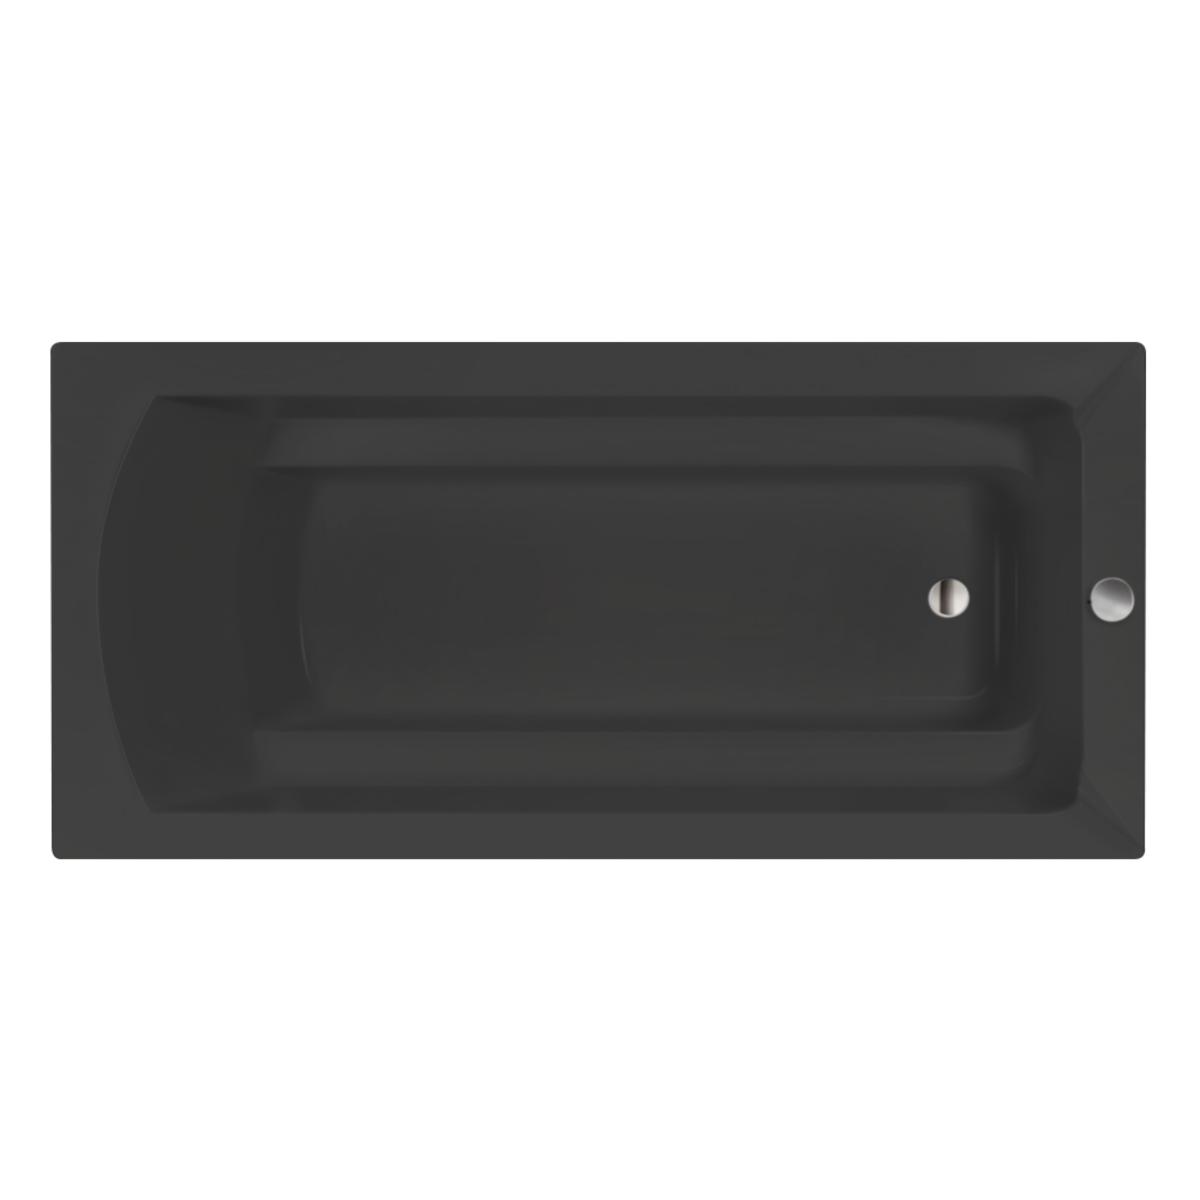 Xenz Bodysize douchebad 180x90x45cm ebony mat zwart